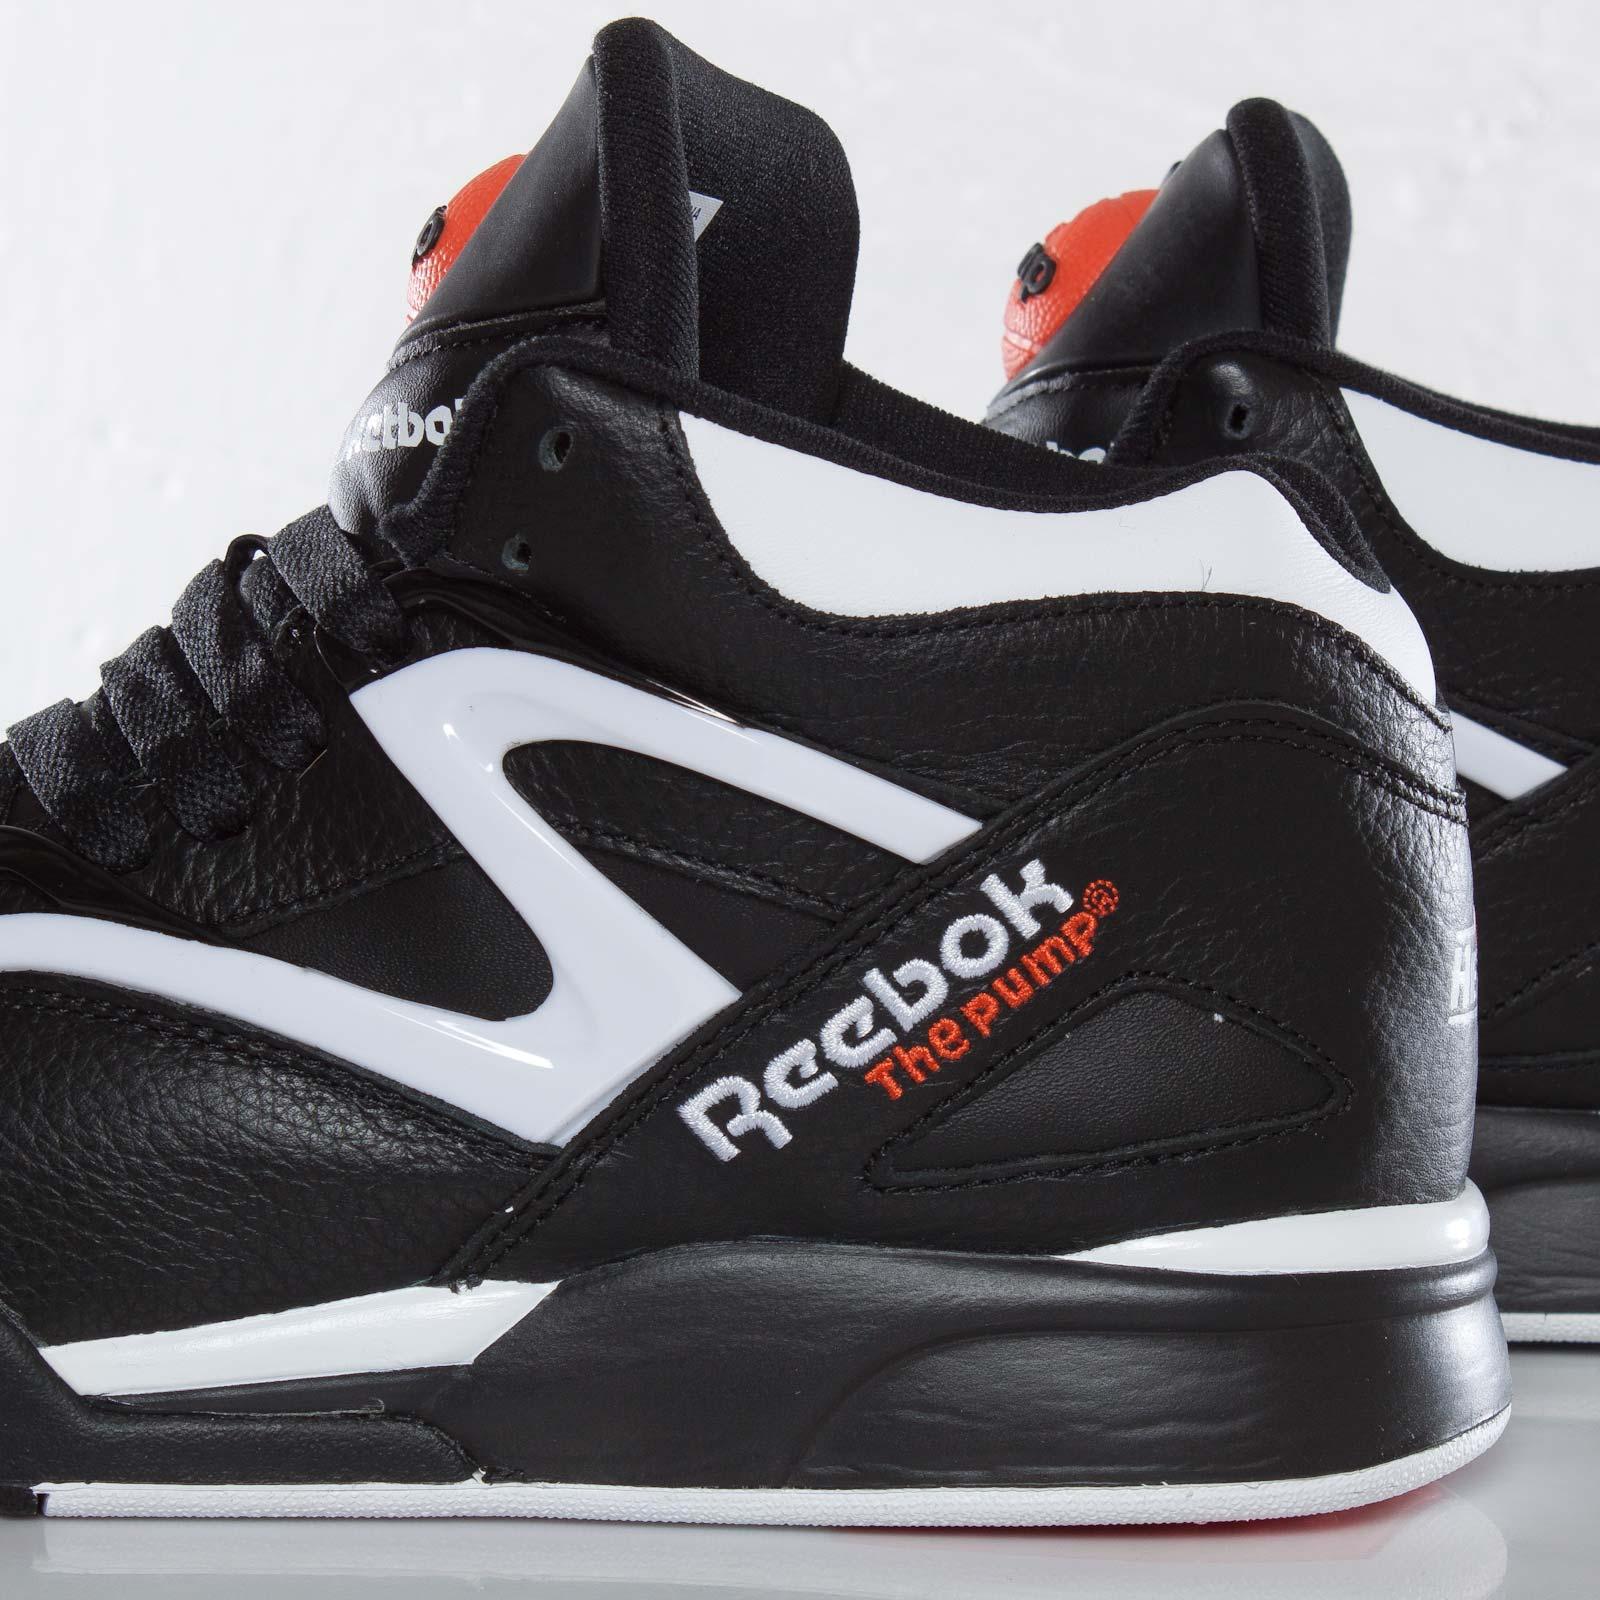 fb6f9c89467 Reebok Pump Omni Lite - J15298 - Sneakersnstuff